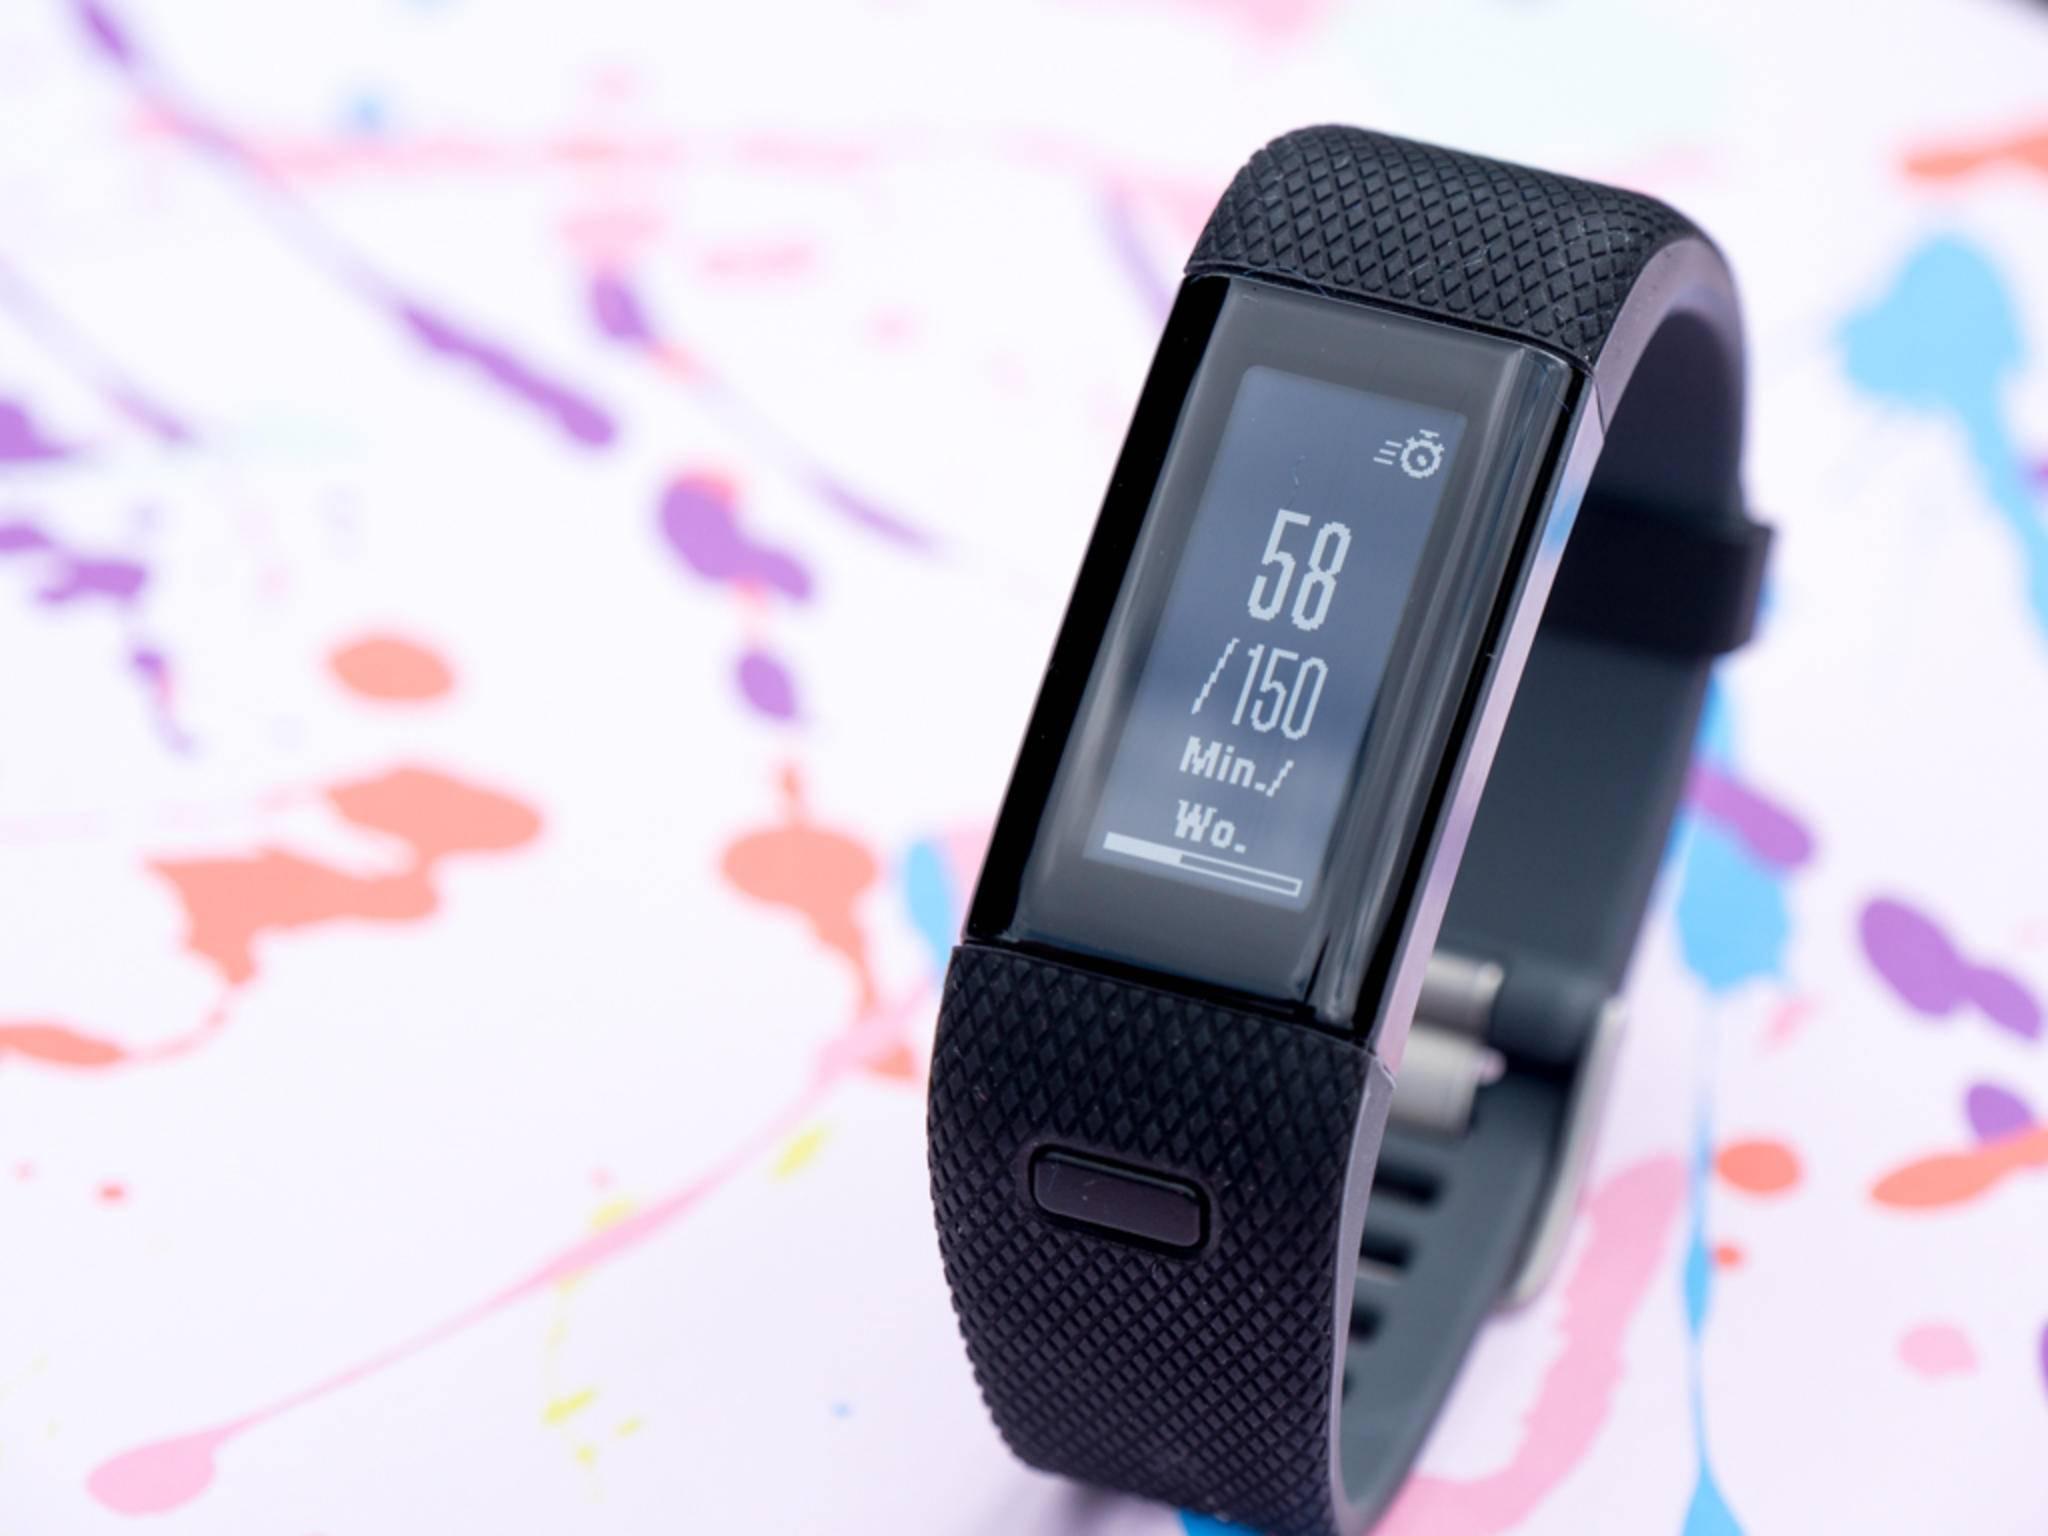 Das Plus der Garmin Vivosmart HR+ steht für ihre GPS-Funktion.